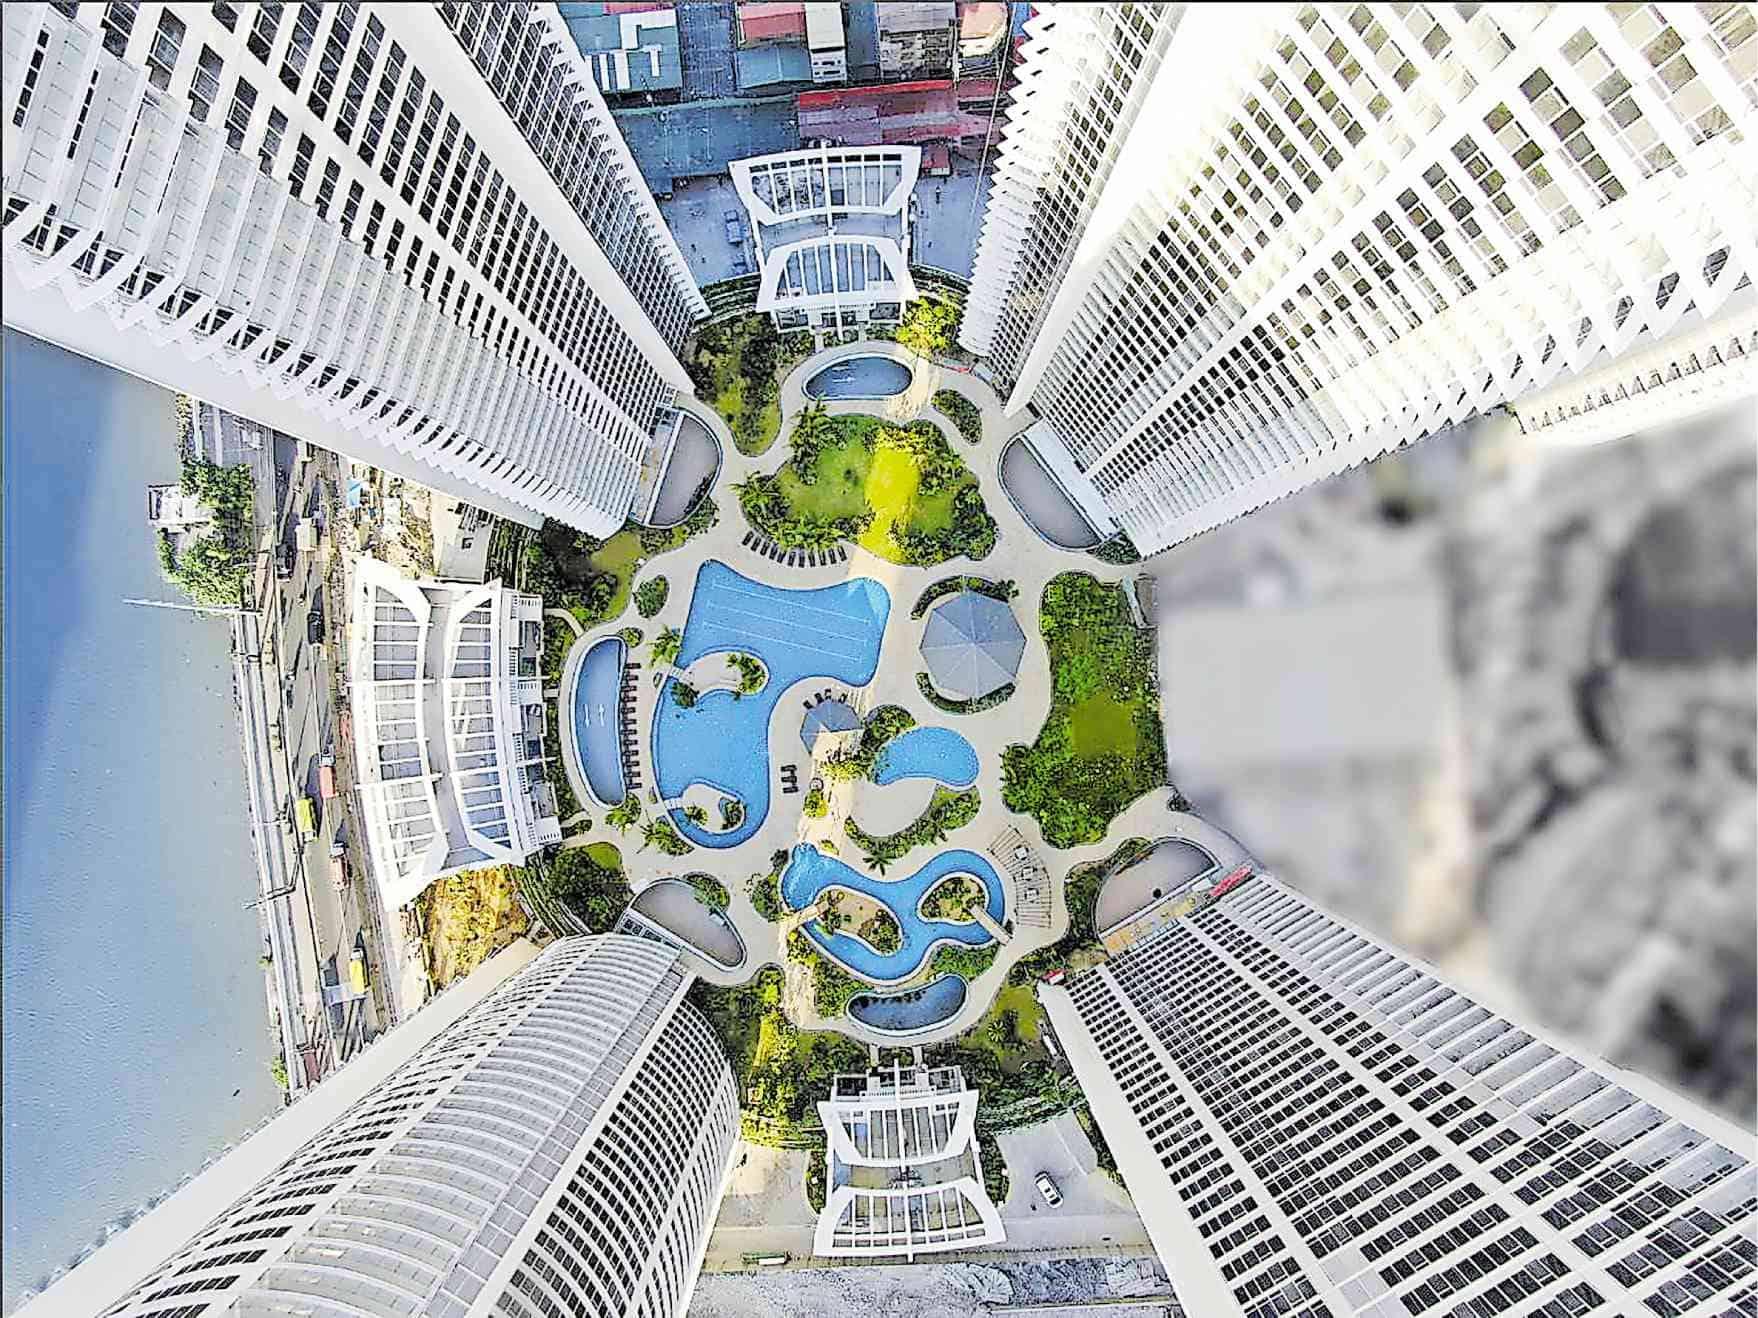 Proscenium   Pool Aerial view